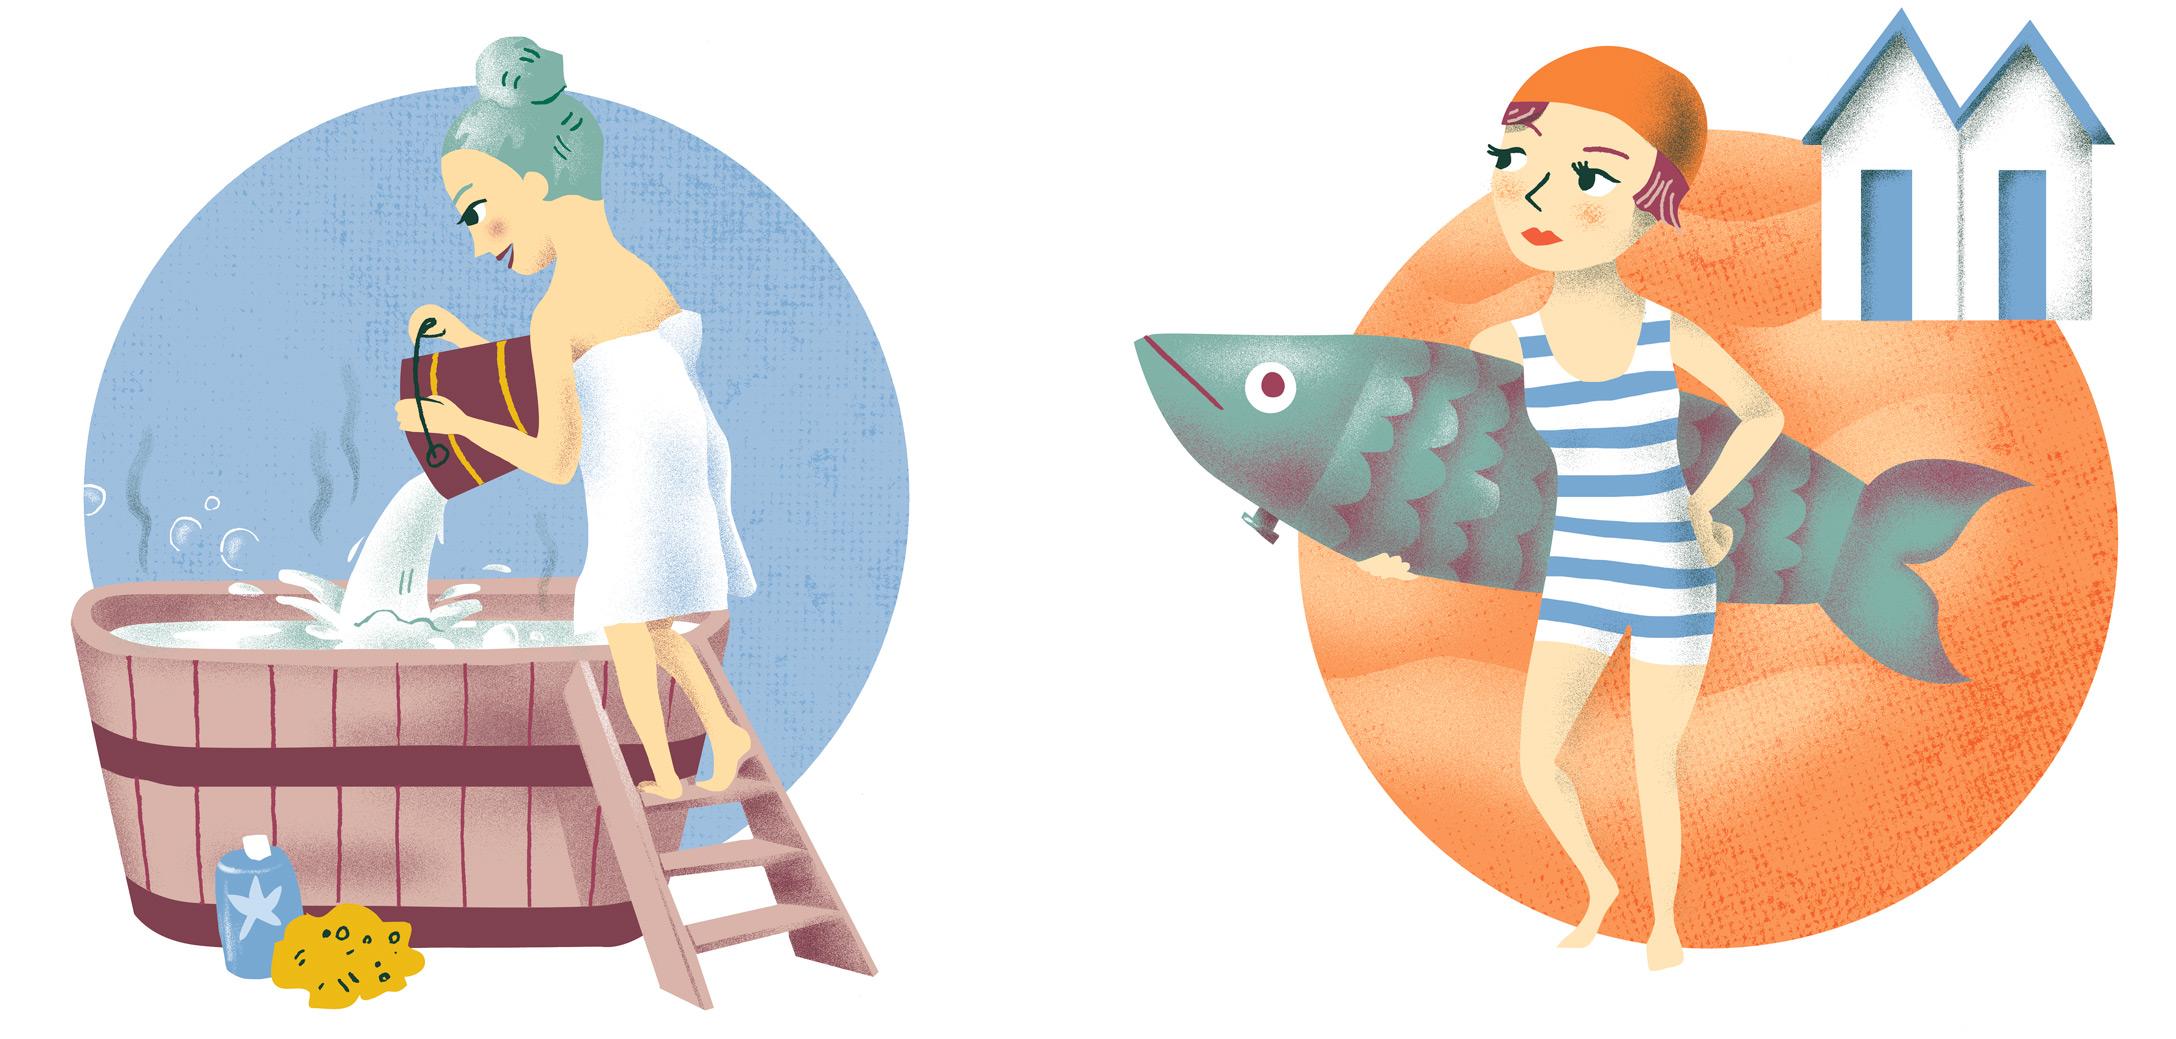 Annalisa Papagna illustration - Horoscope: Aquarius and Pisces